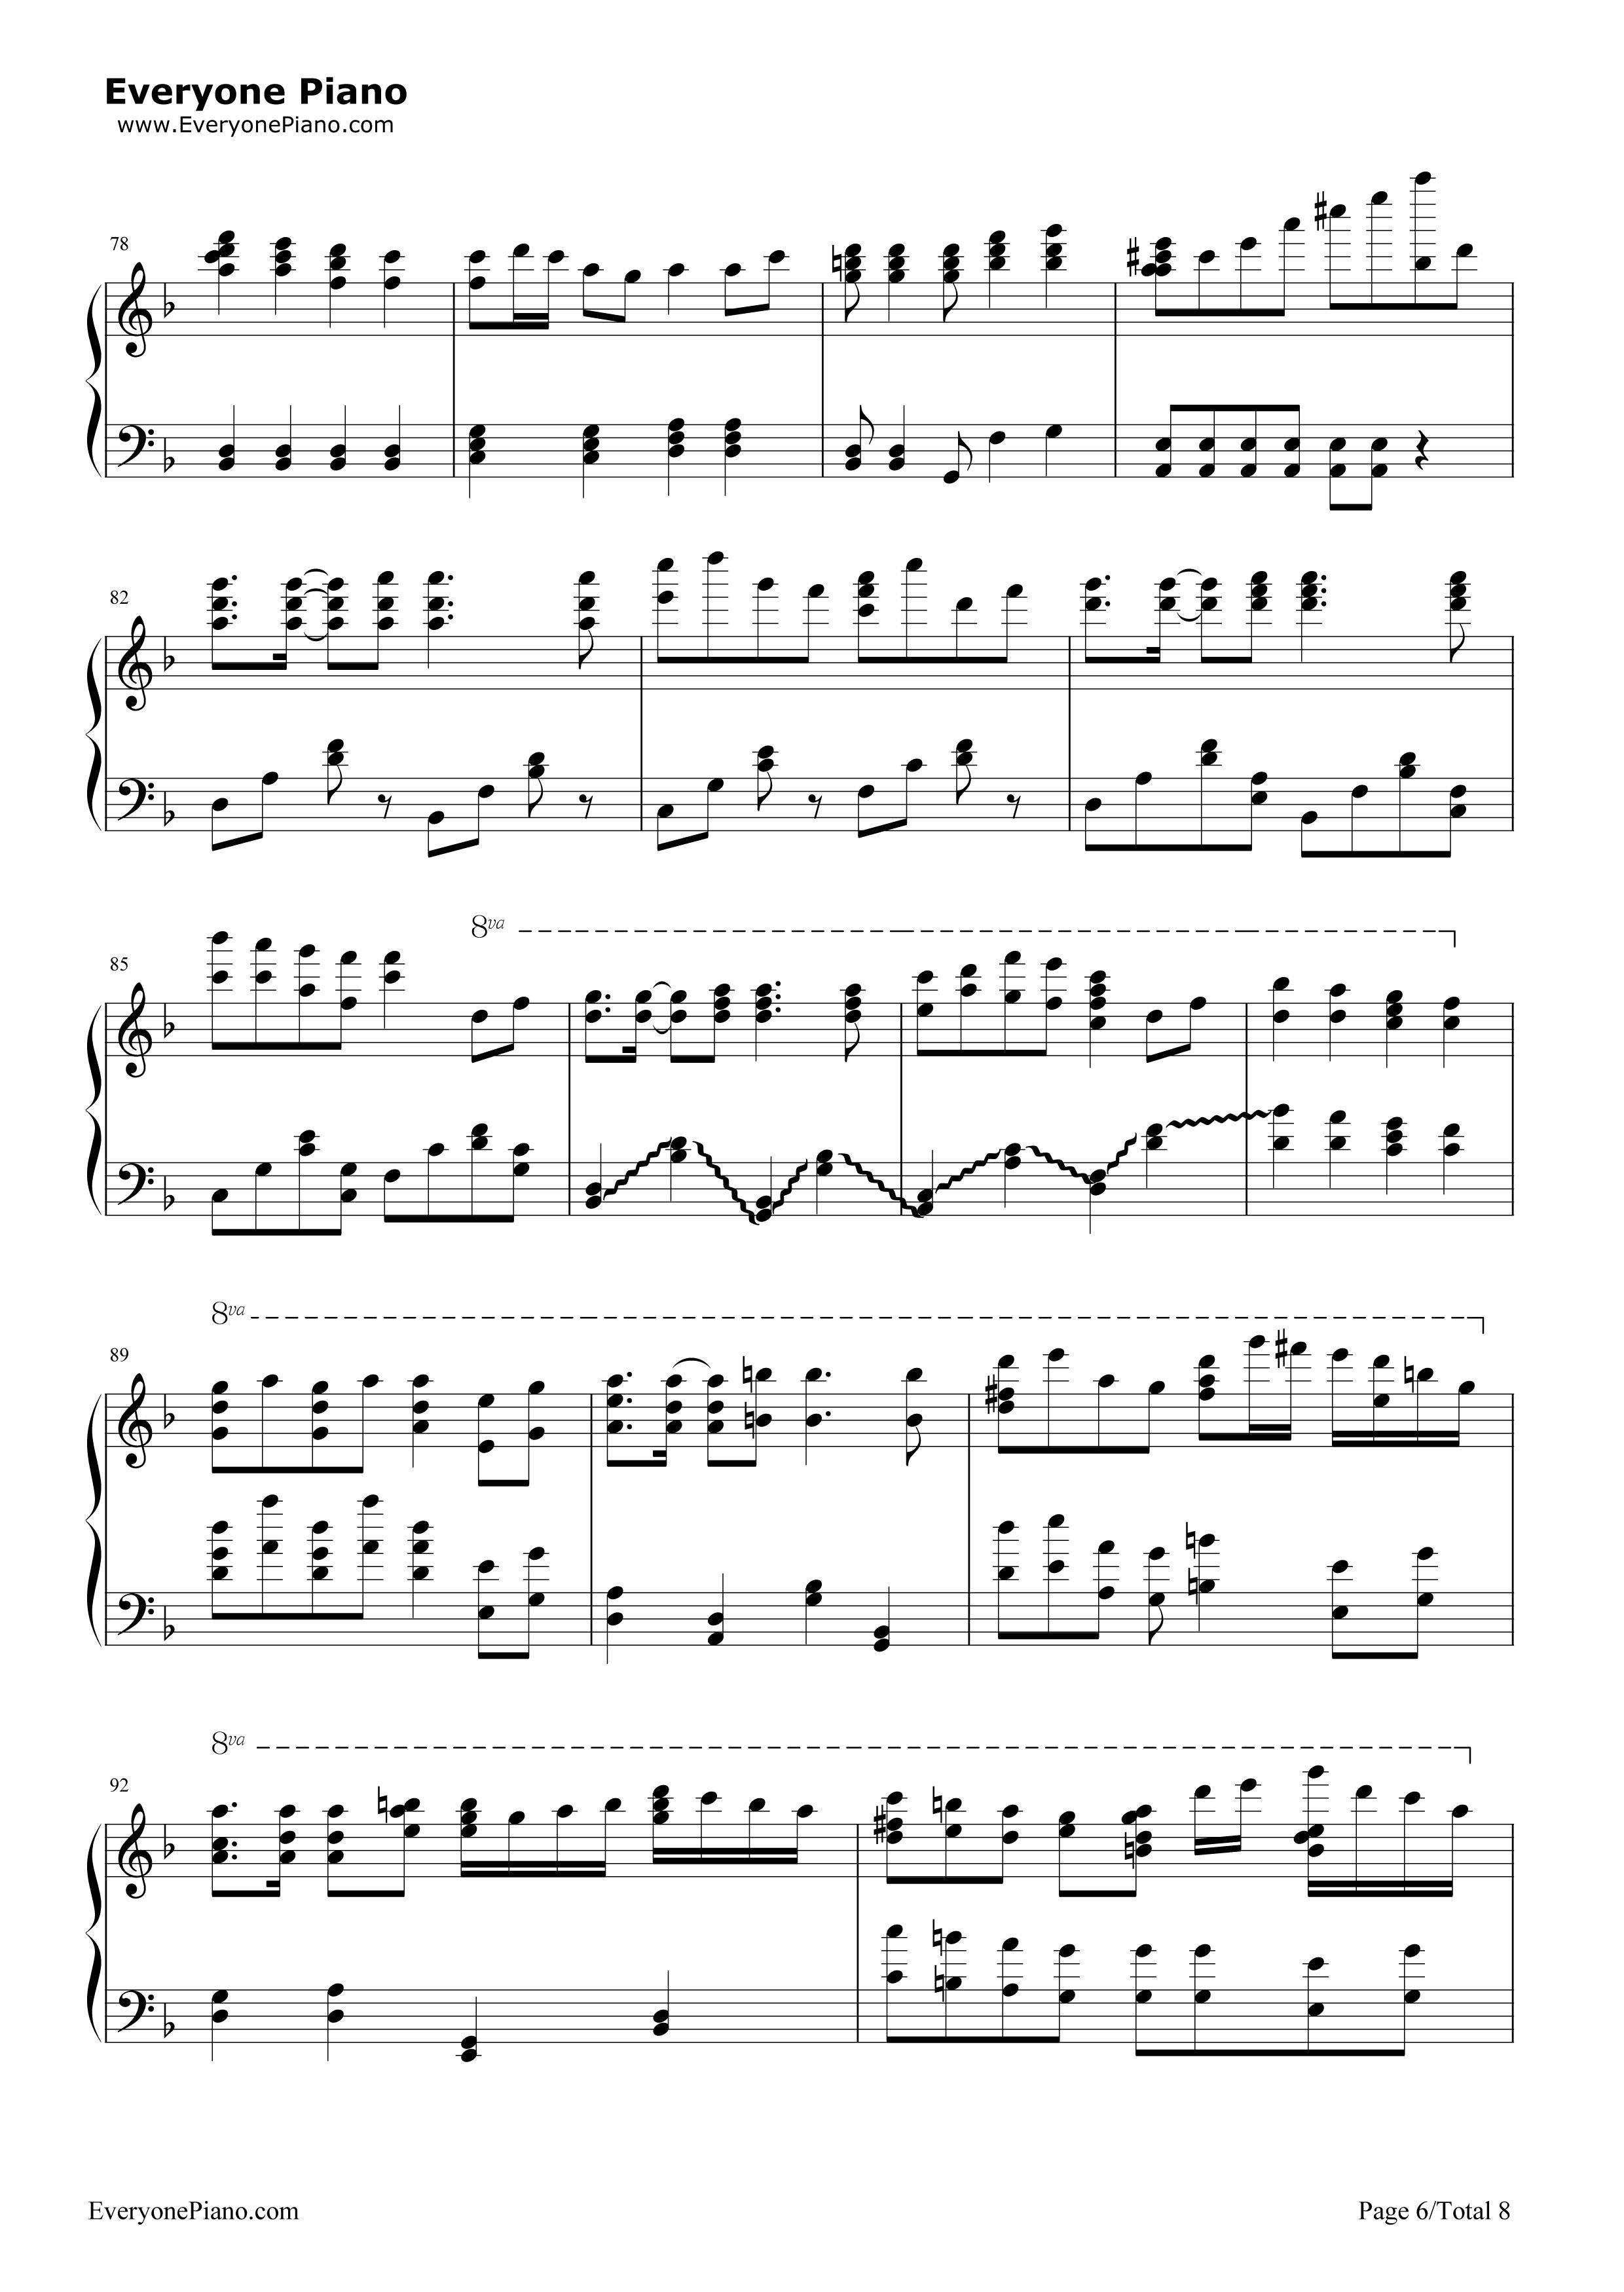 千本桜五線譜プレビュー6 千本桜五線譜プレビュー( 総数8枚 )  無料の楽譜「五線譜、両手略譜